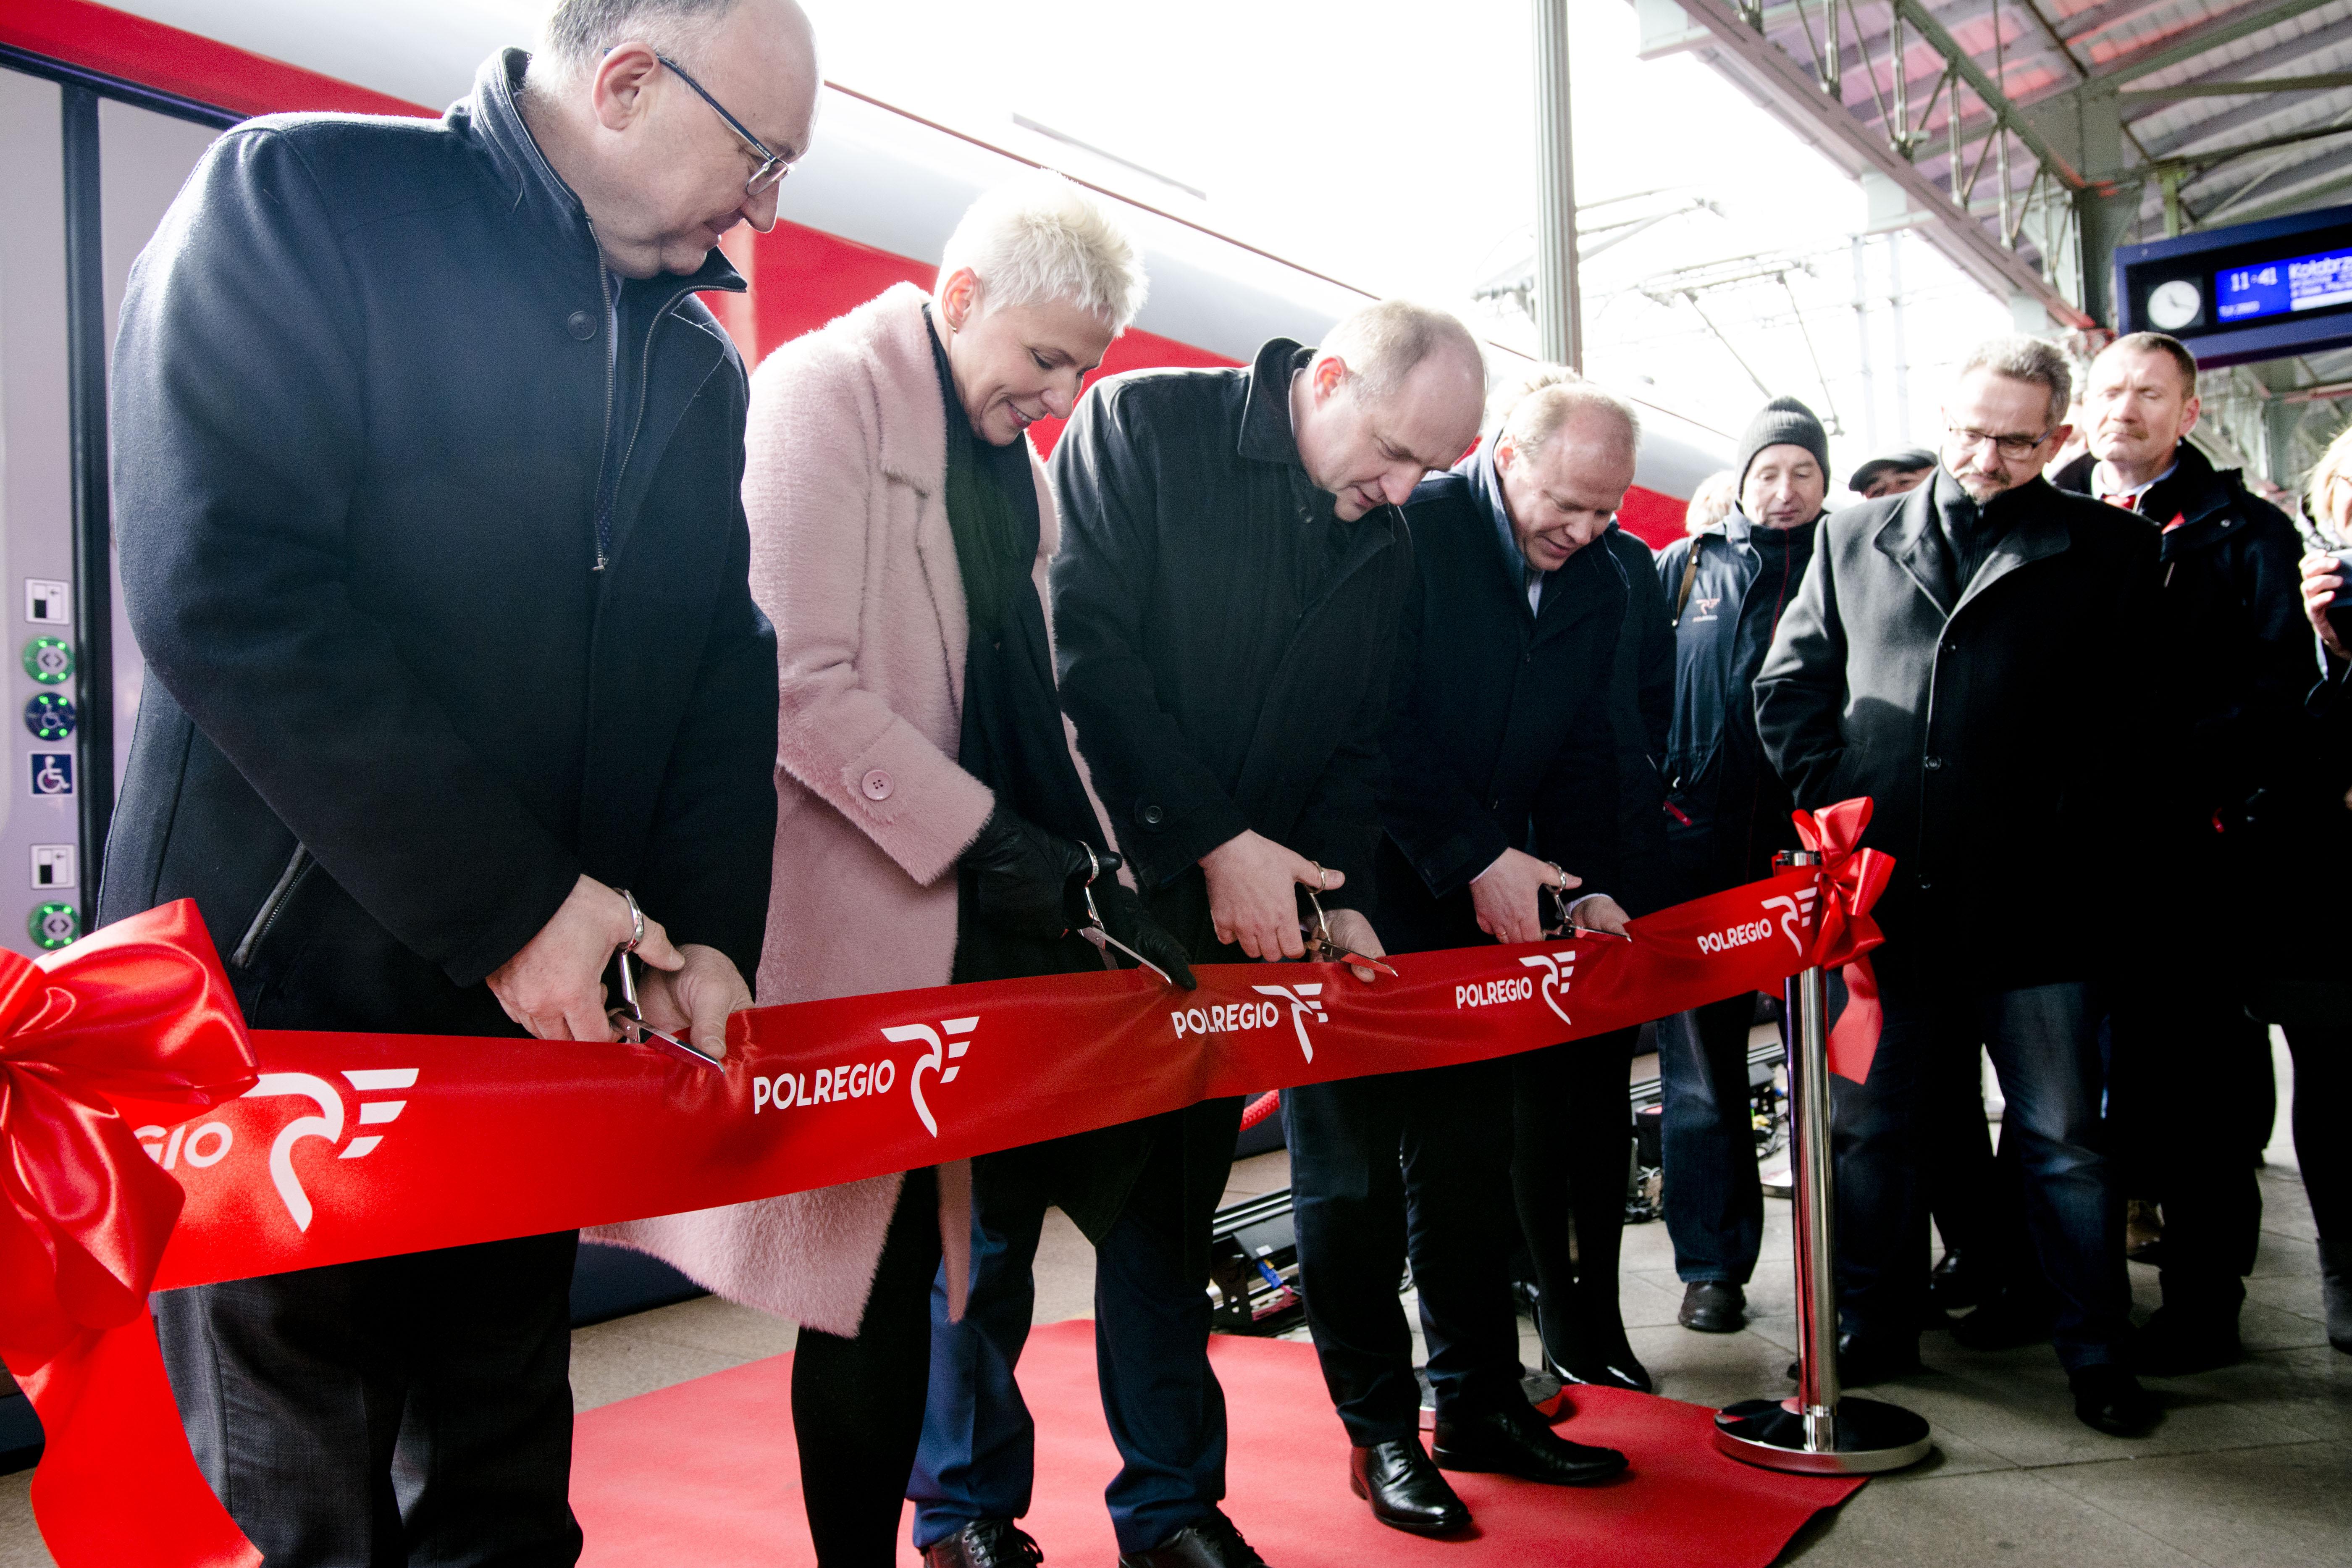 Kujawsko-pomorskie z nowymi pociągami Elf2 w barwach POLREGIO